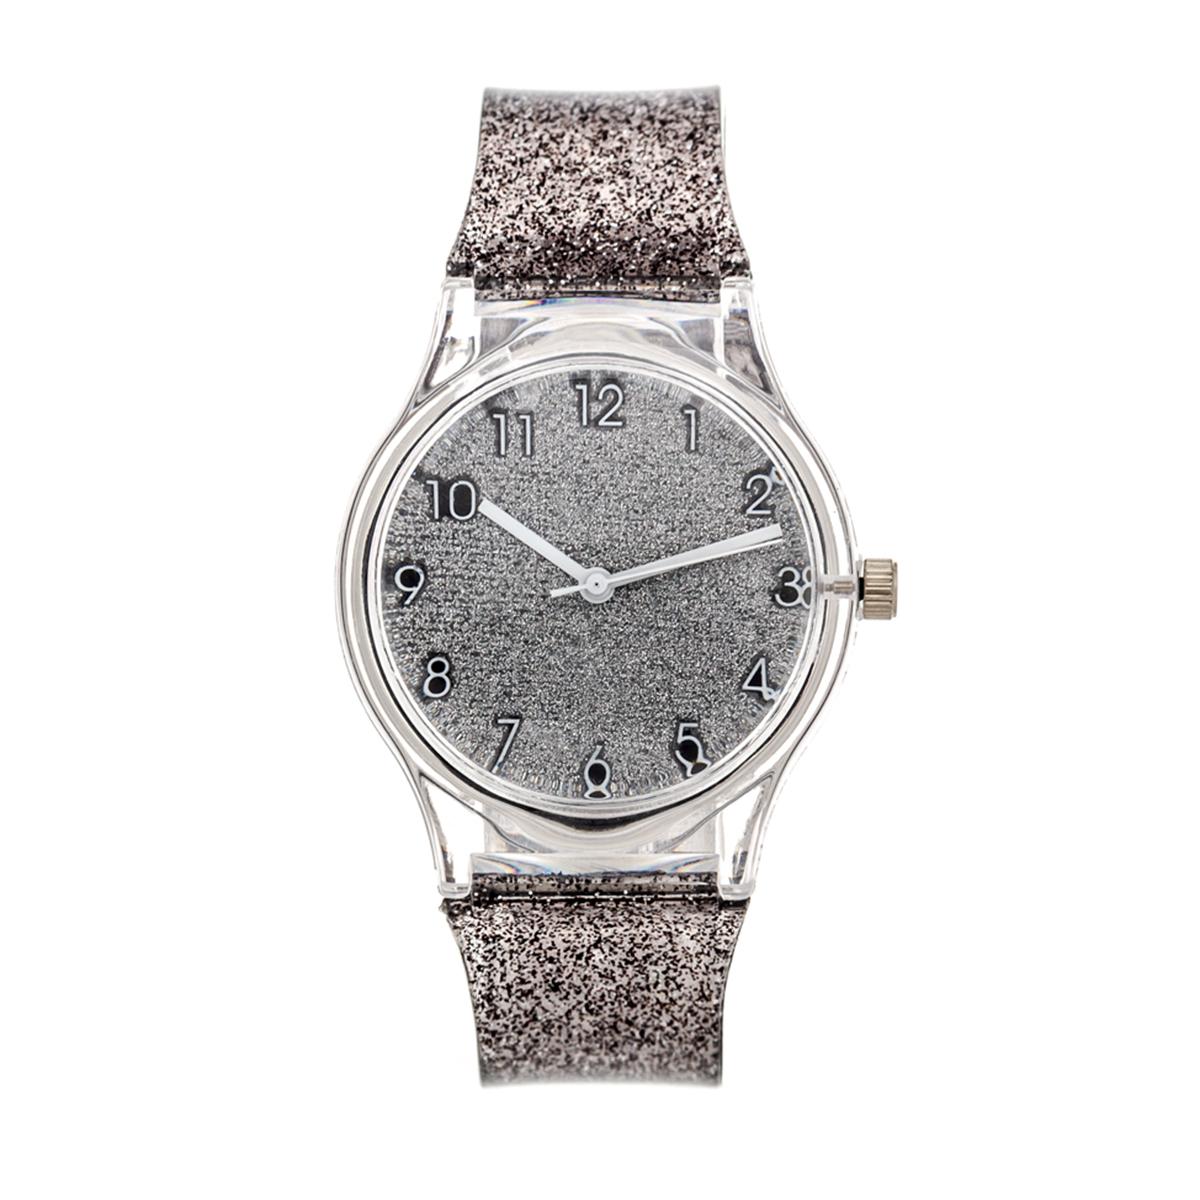 خرید ساعت مچی عقربه ای زنانه کد W1111